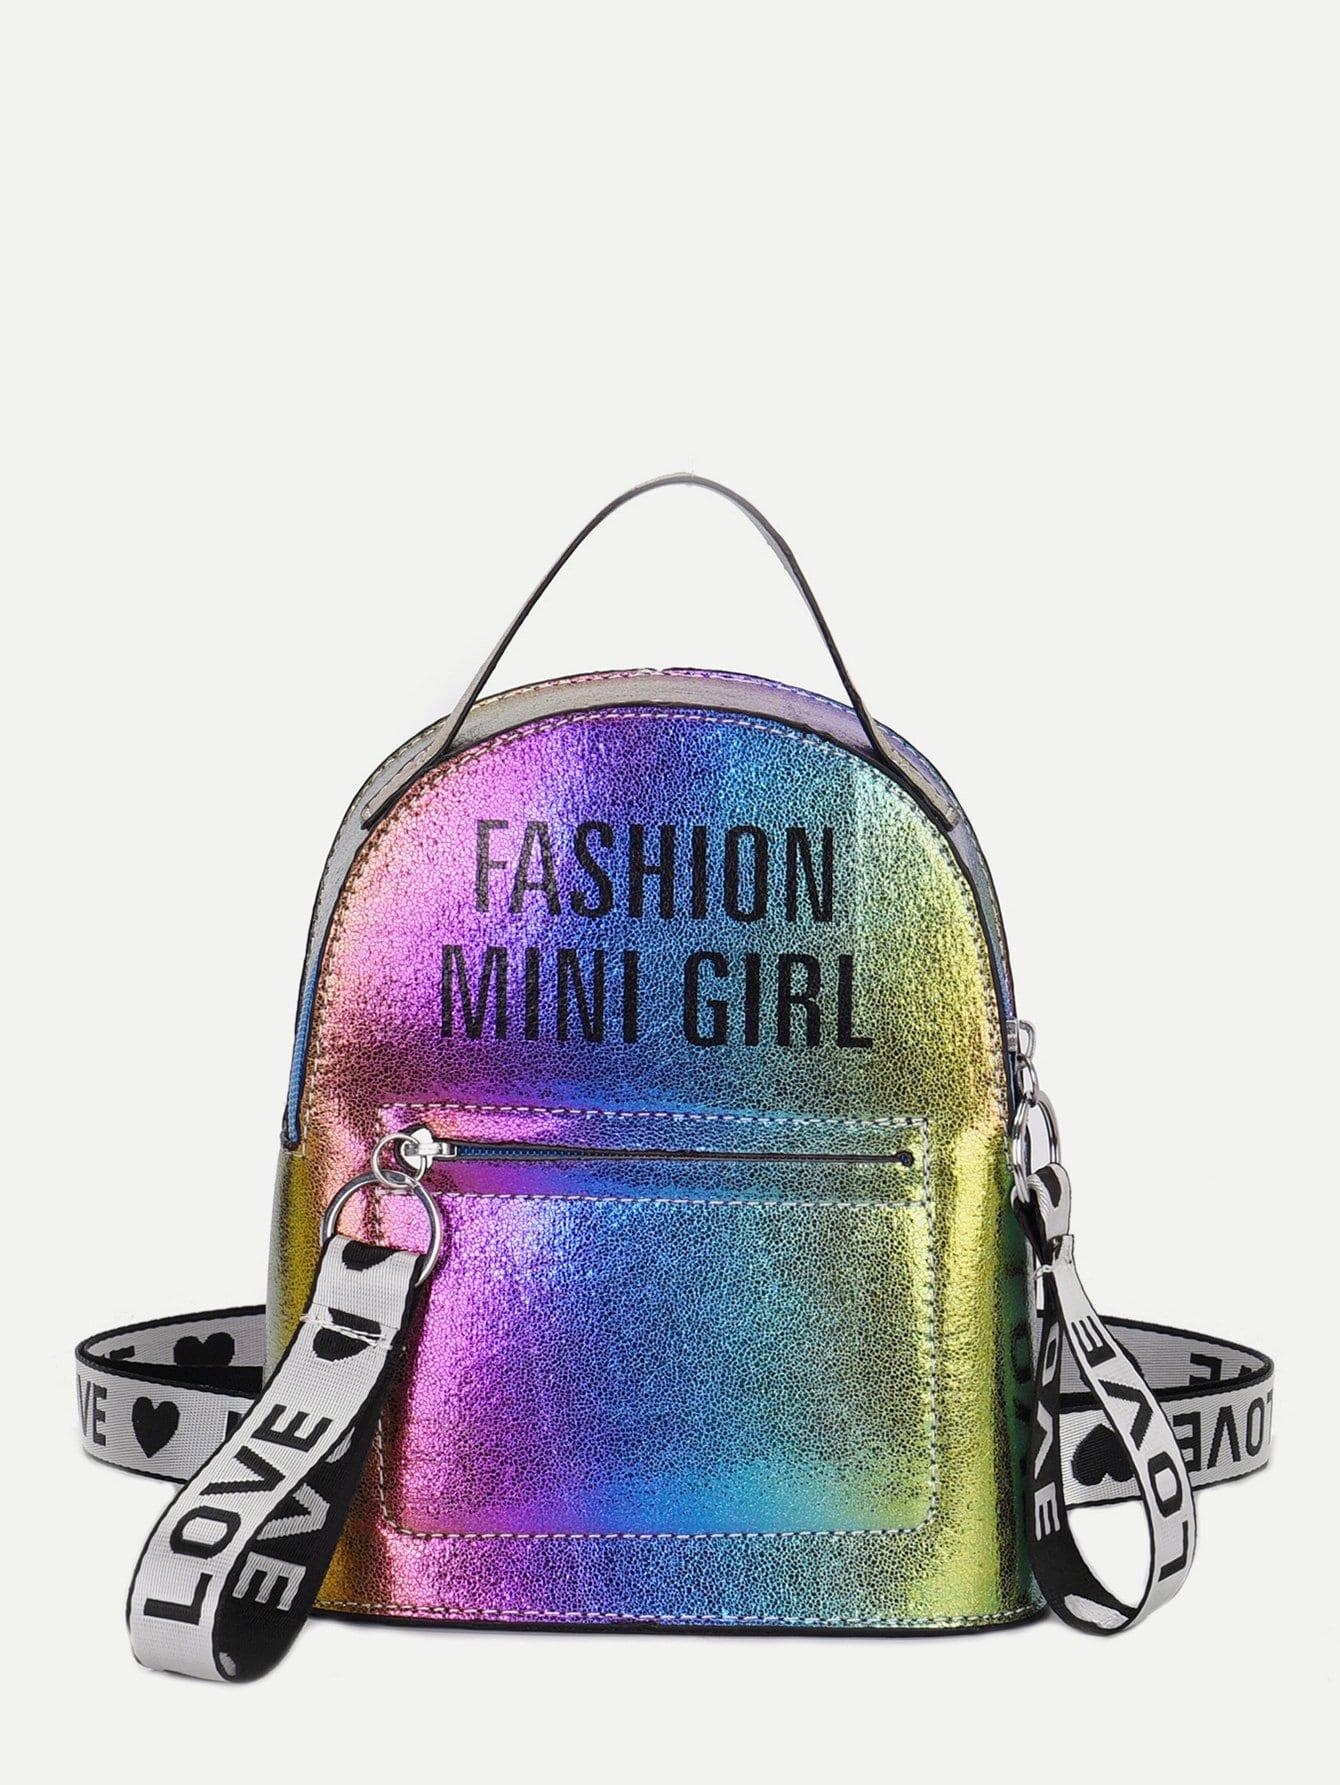 Купить Радужный рюкзак через плечо и упаковочная лента с рисунками лозунгов, null, SheIn